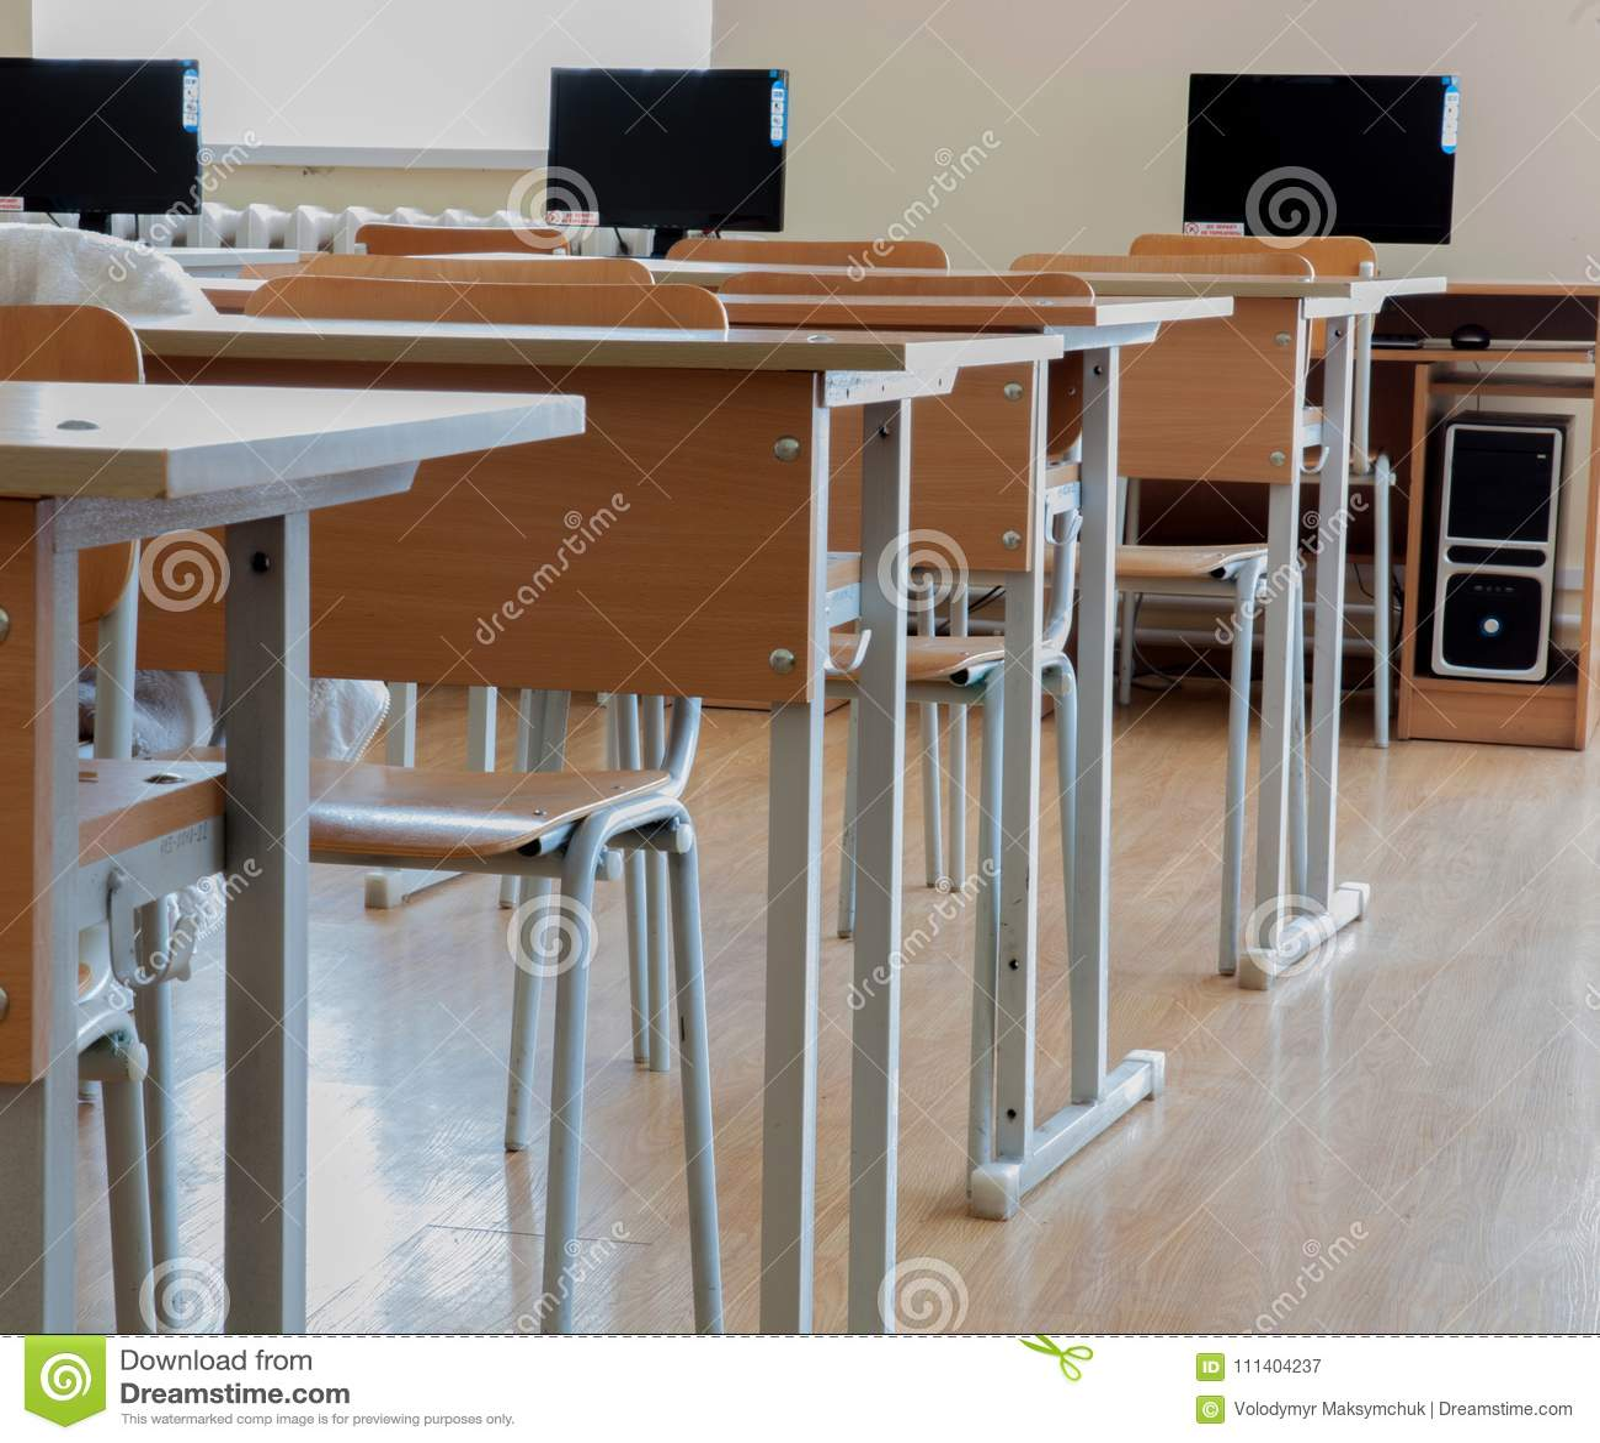 Elementary School Classroom In Ukraine, School Desks In The